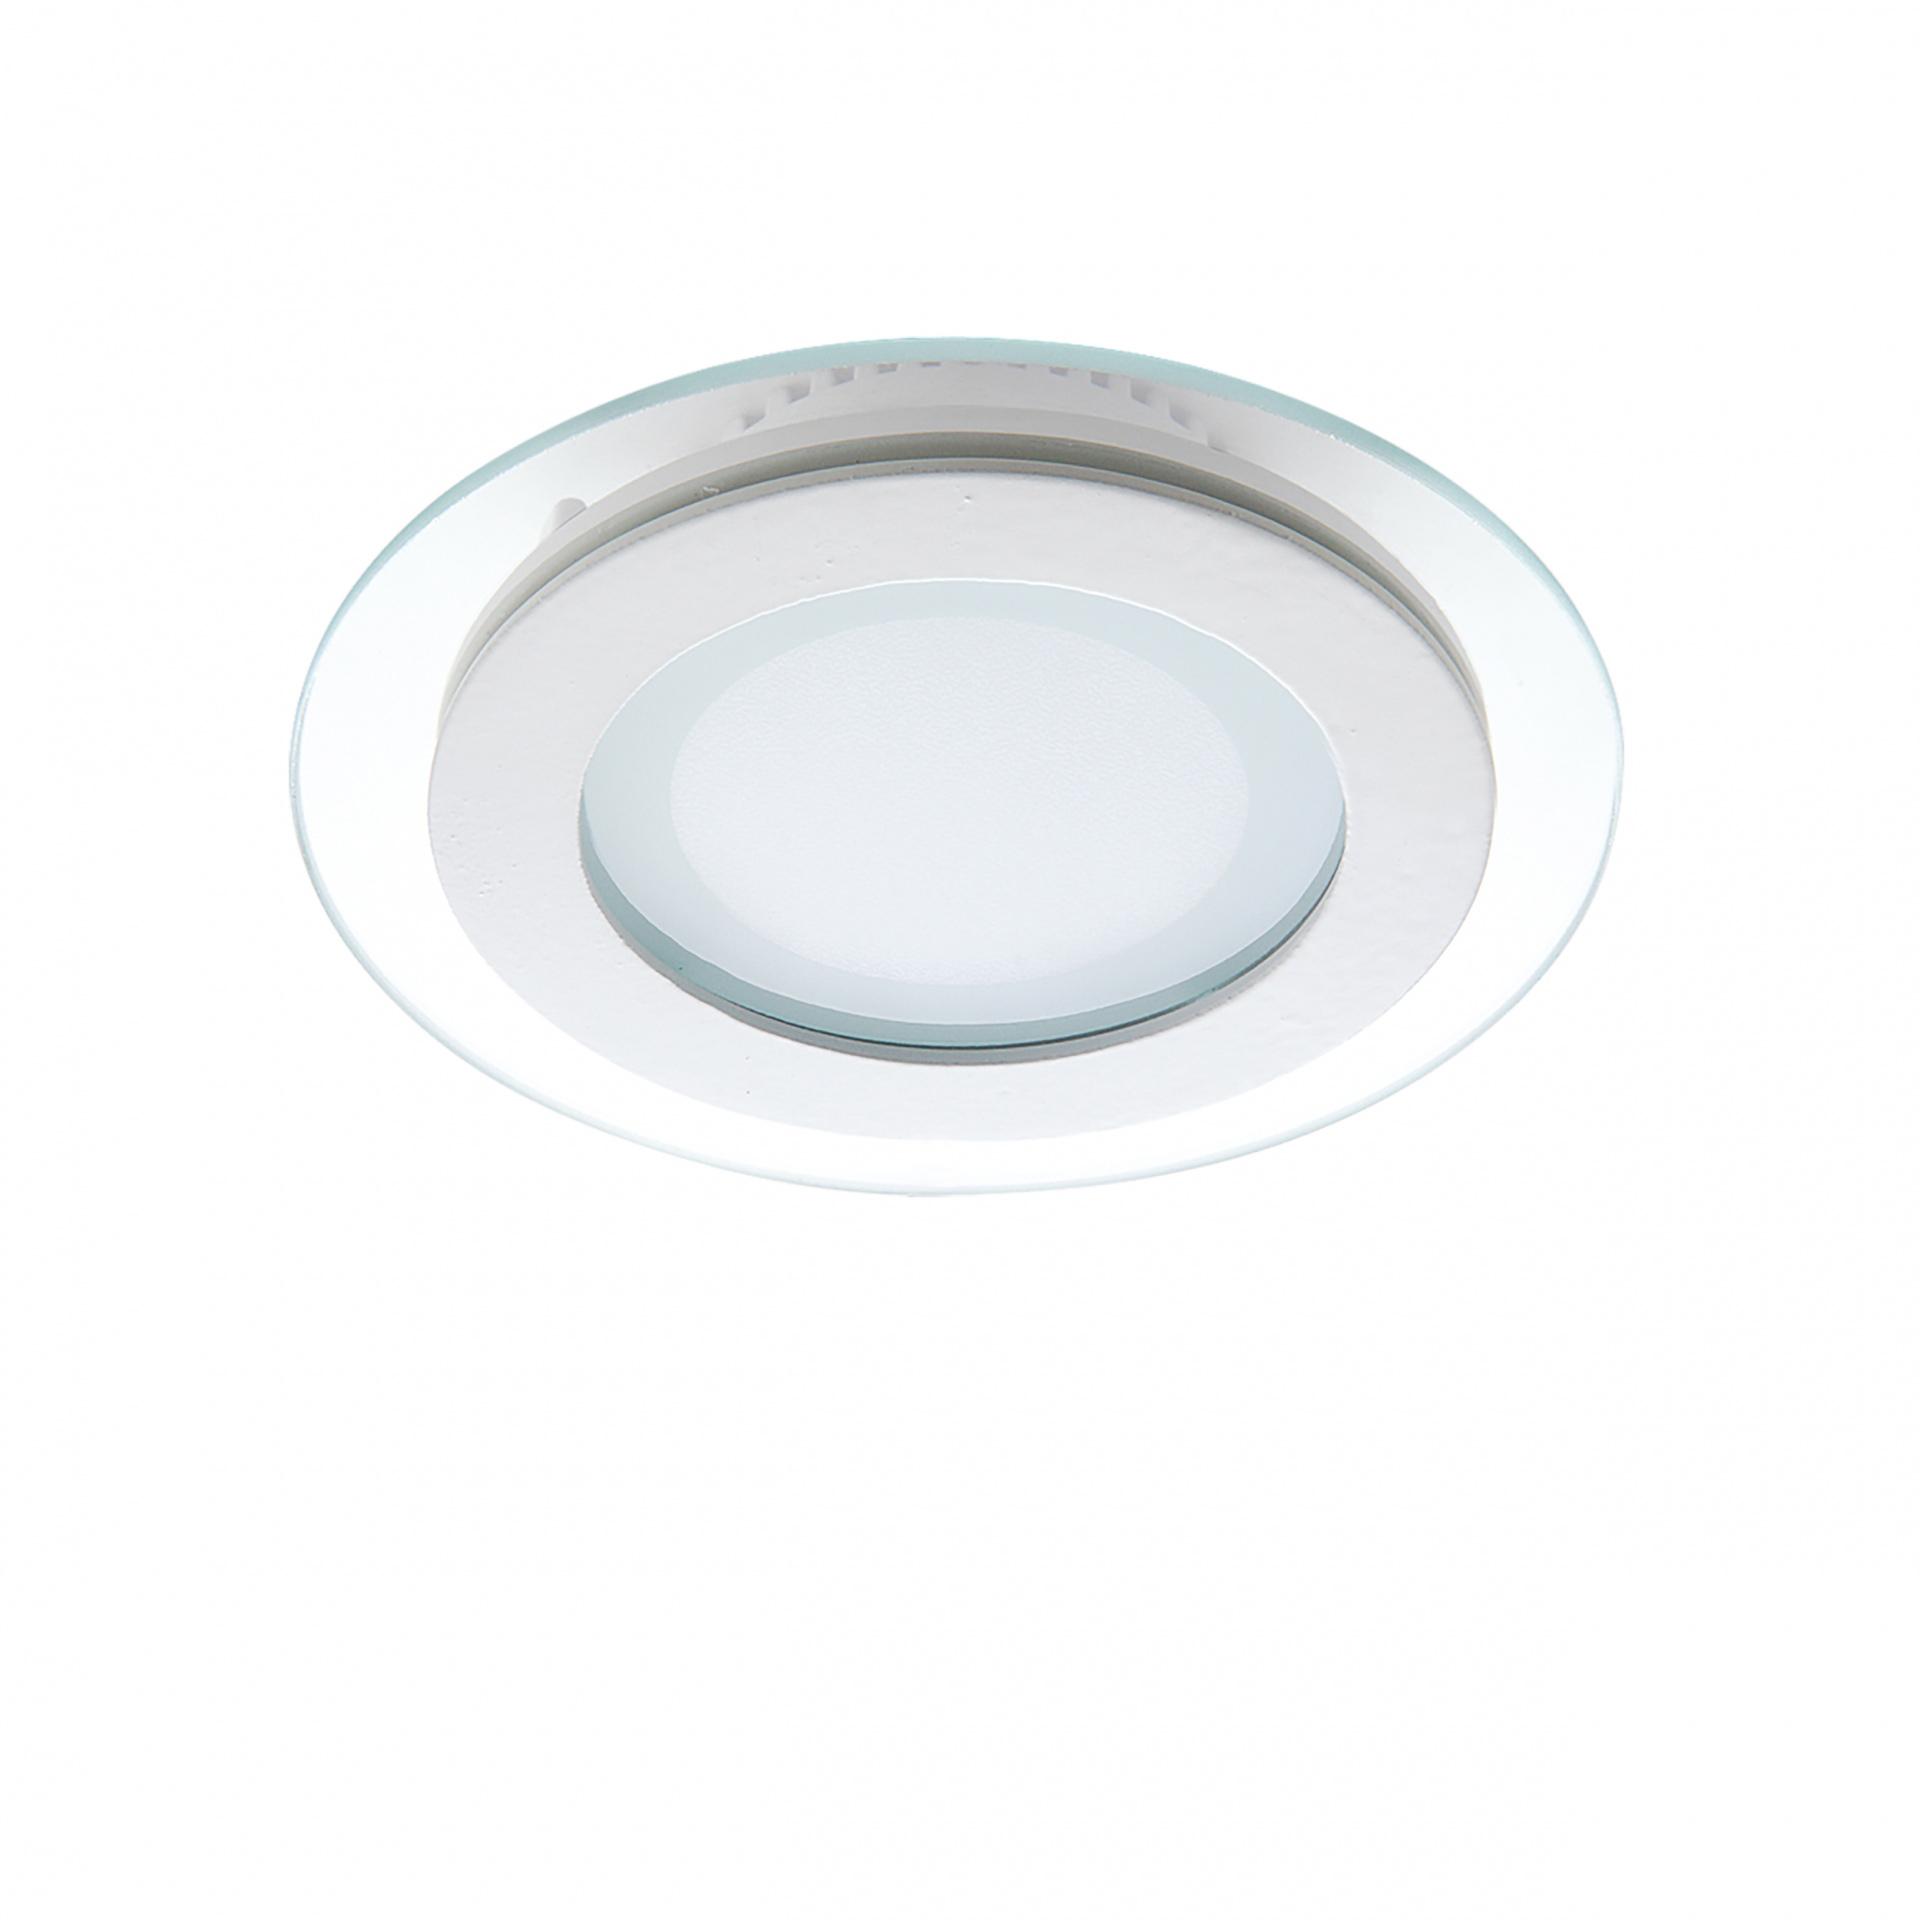 Светильник Acri LED 6W 480LM хром / прозрачный 3000K Lightstar 212010, купить в СПб, Москве, с доставкой, Санкт-Петербург, интернет-магазин люстр и светильников Starlight, фото в жизни